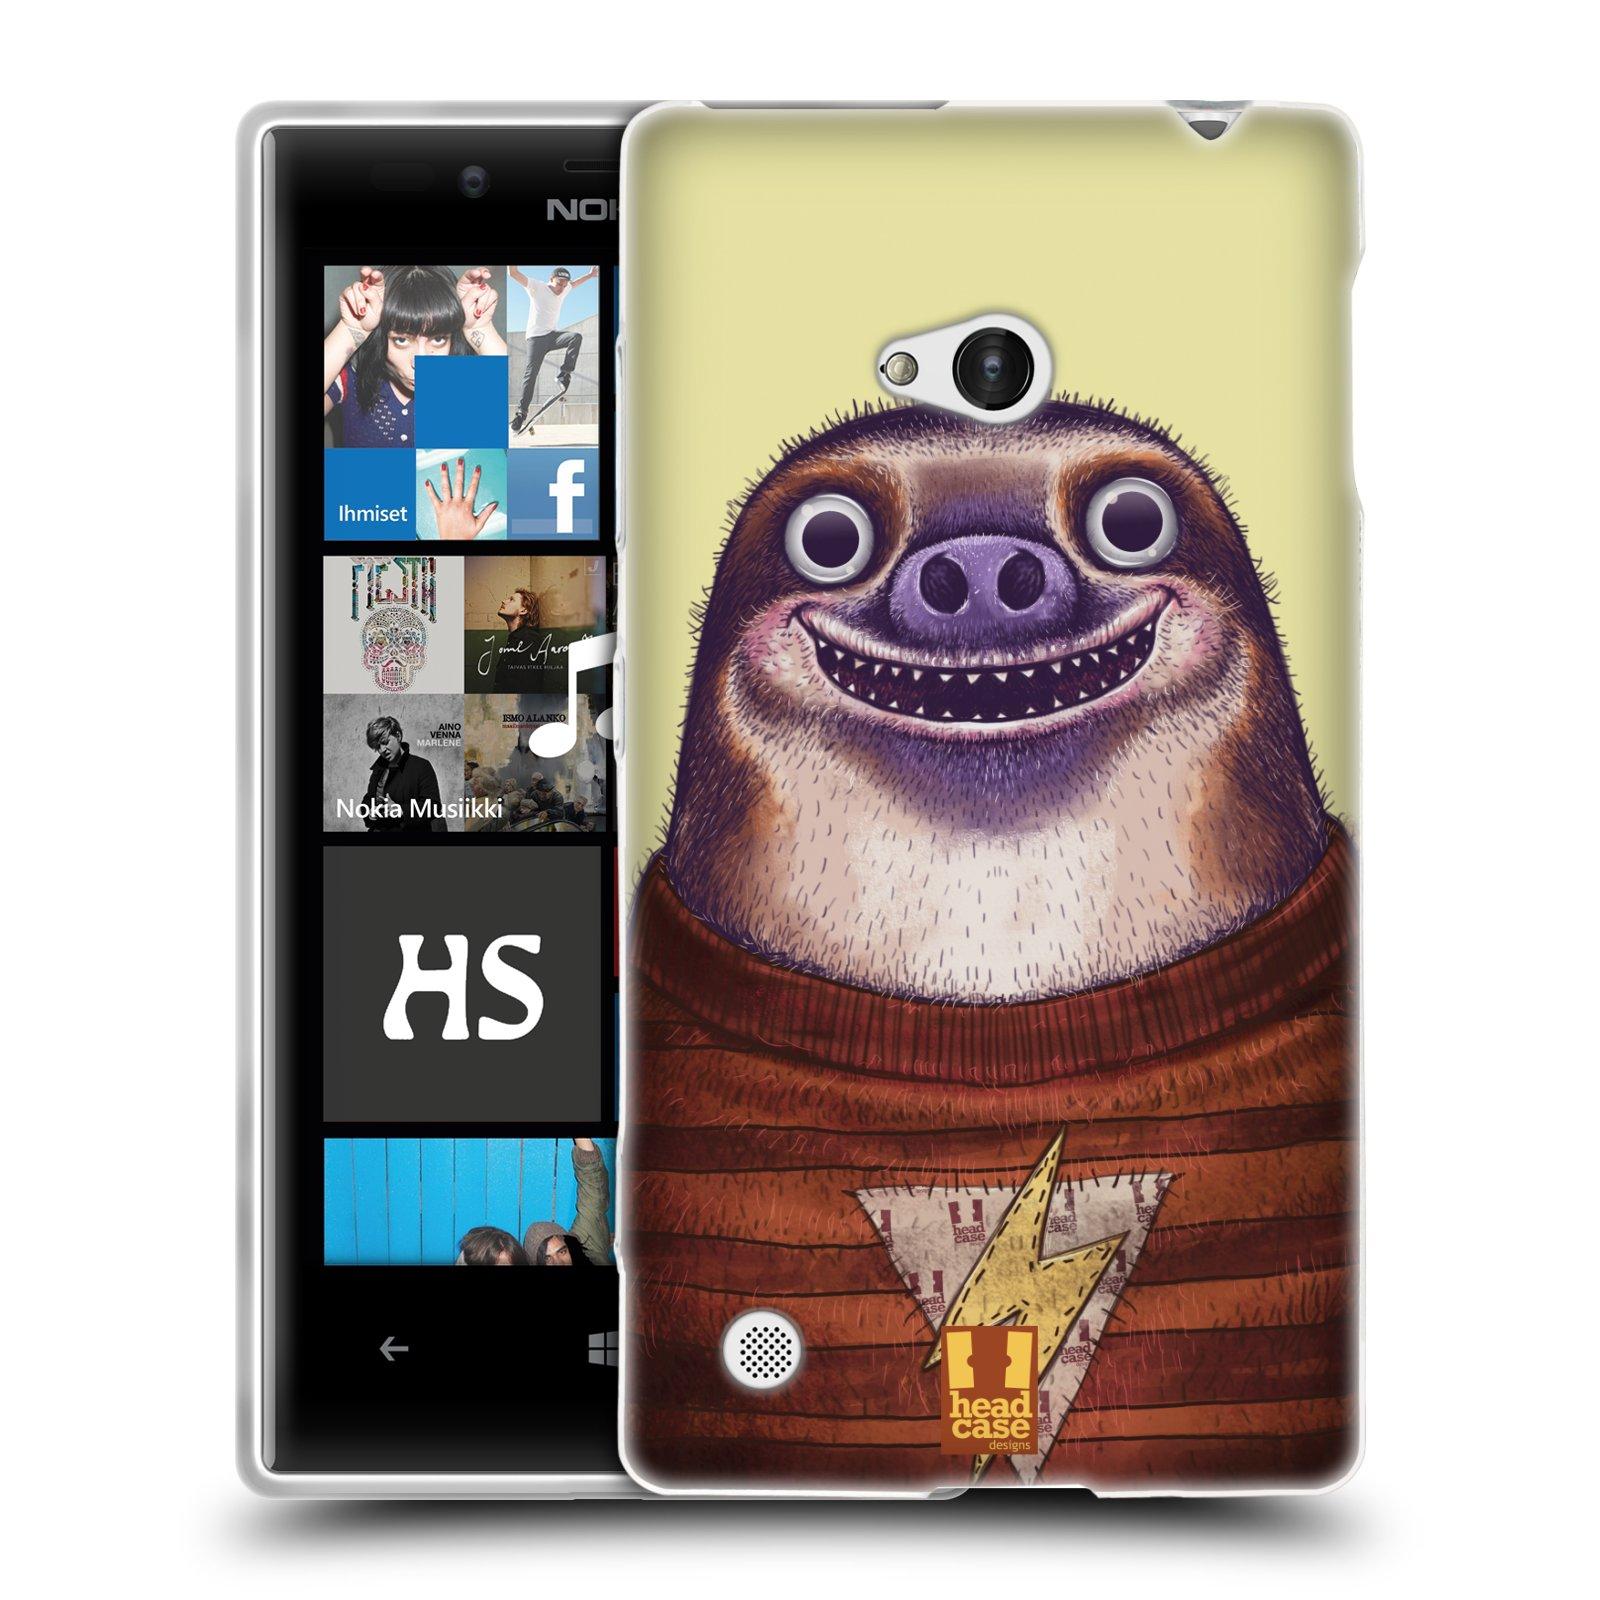 HEAD CASE silikonový obal na mobil NOKIA Lumia 720 vzor Kreslená zvířátka lenochod